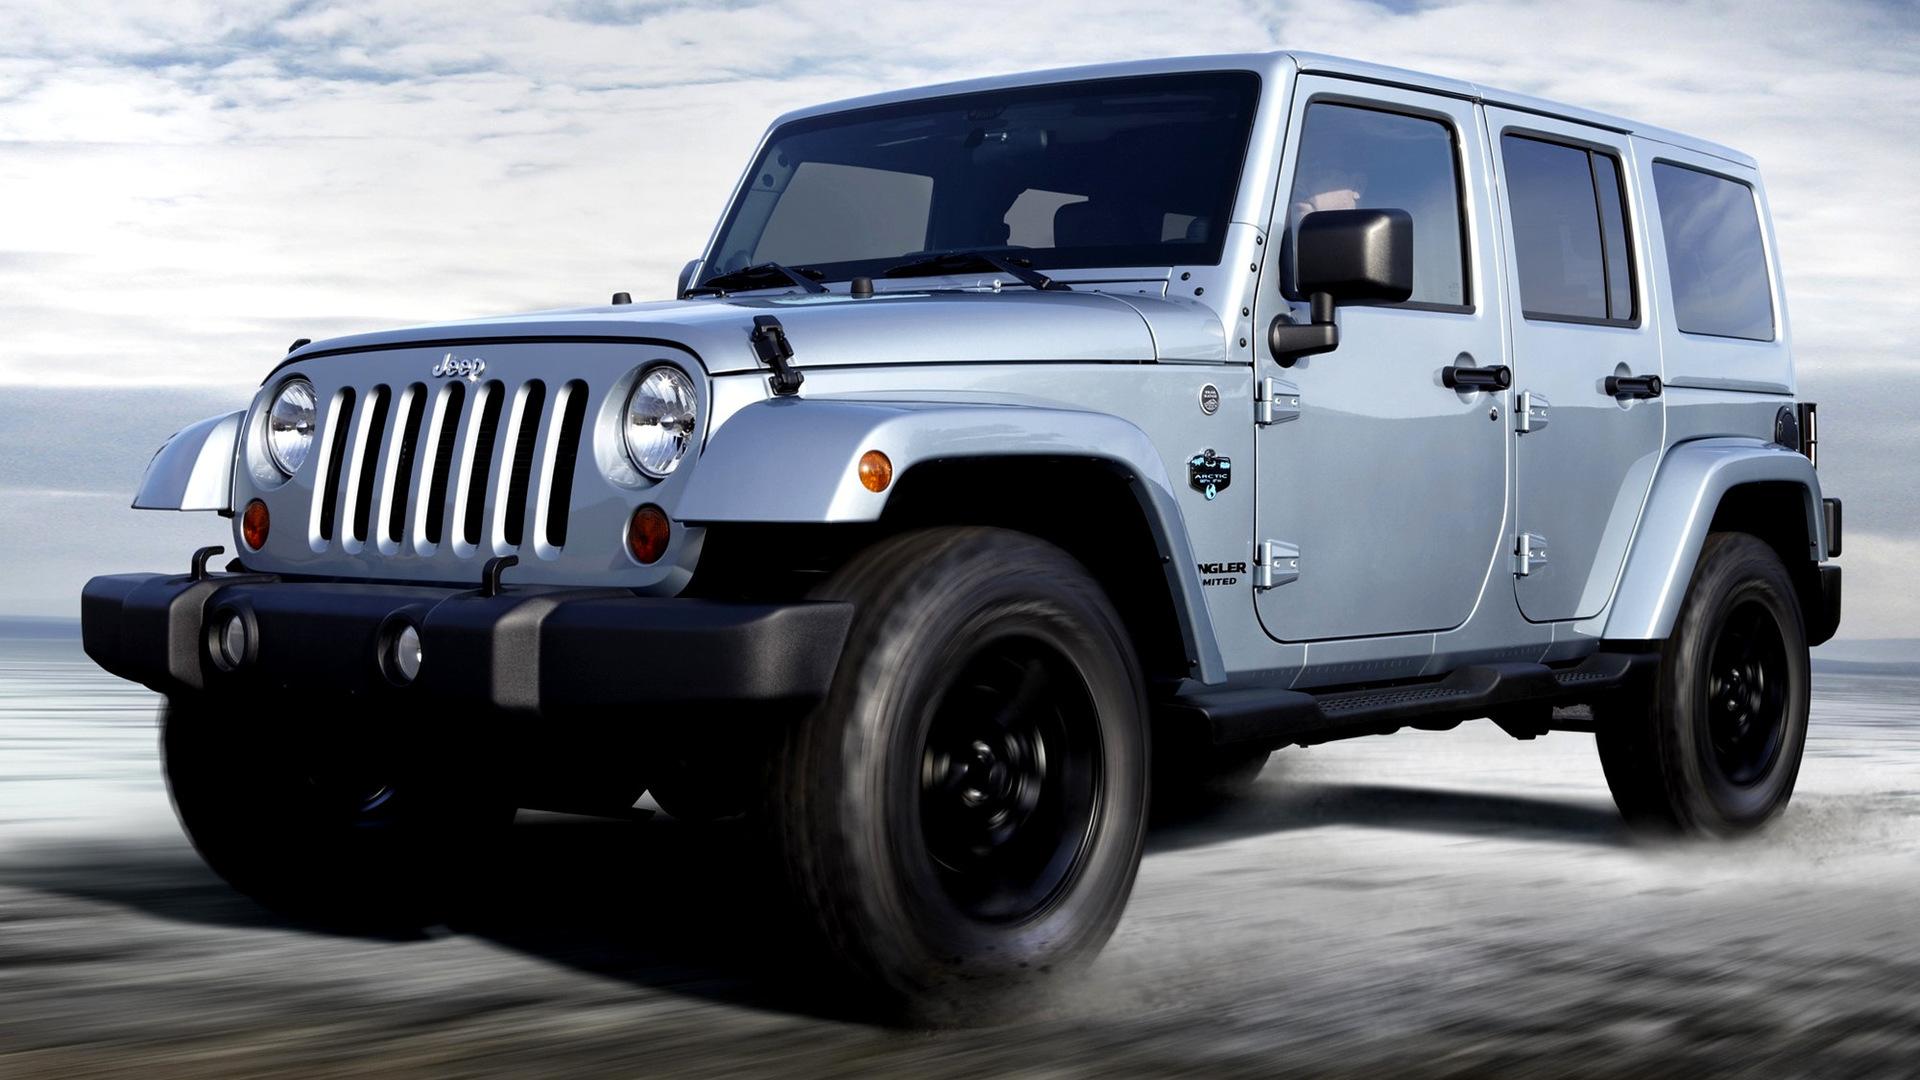 2012 Jeep Wrangler Unlimited Arctic HD Wallpaper ...